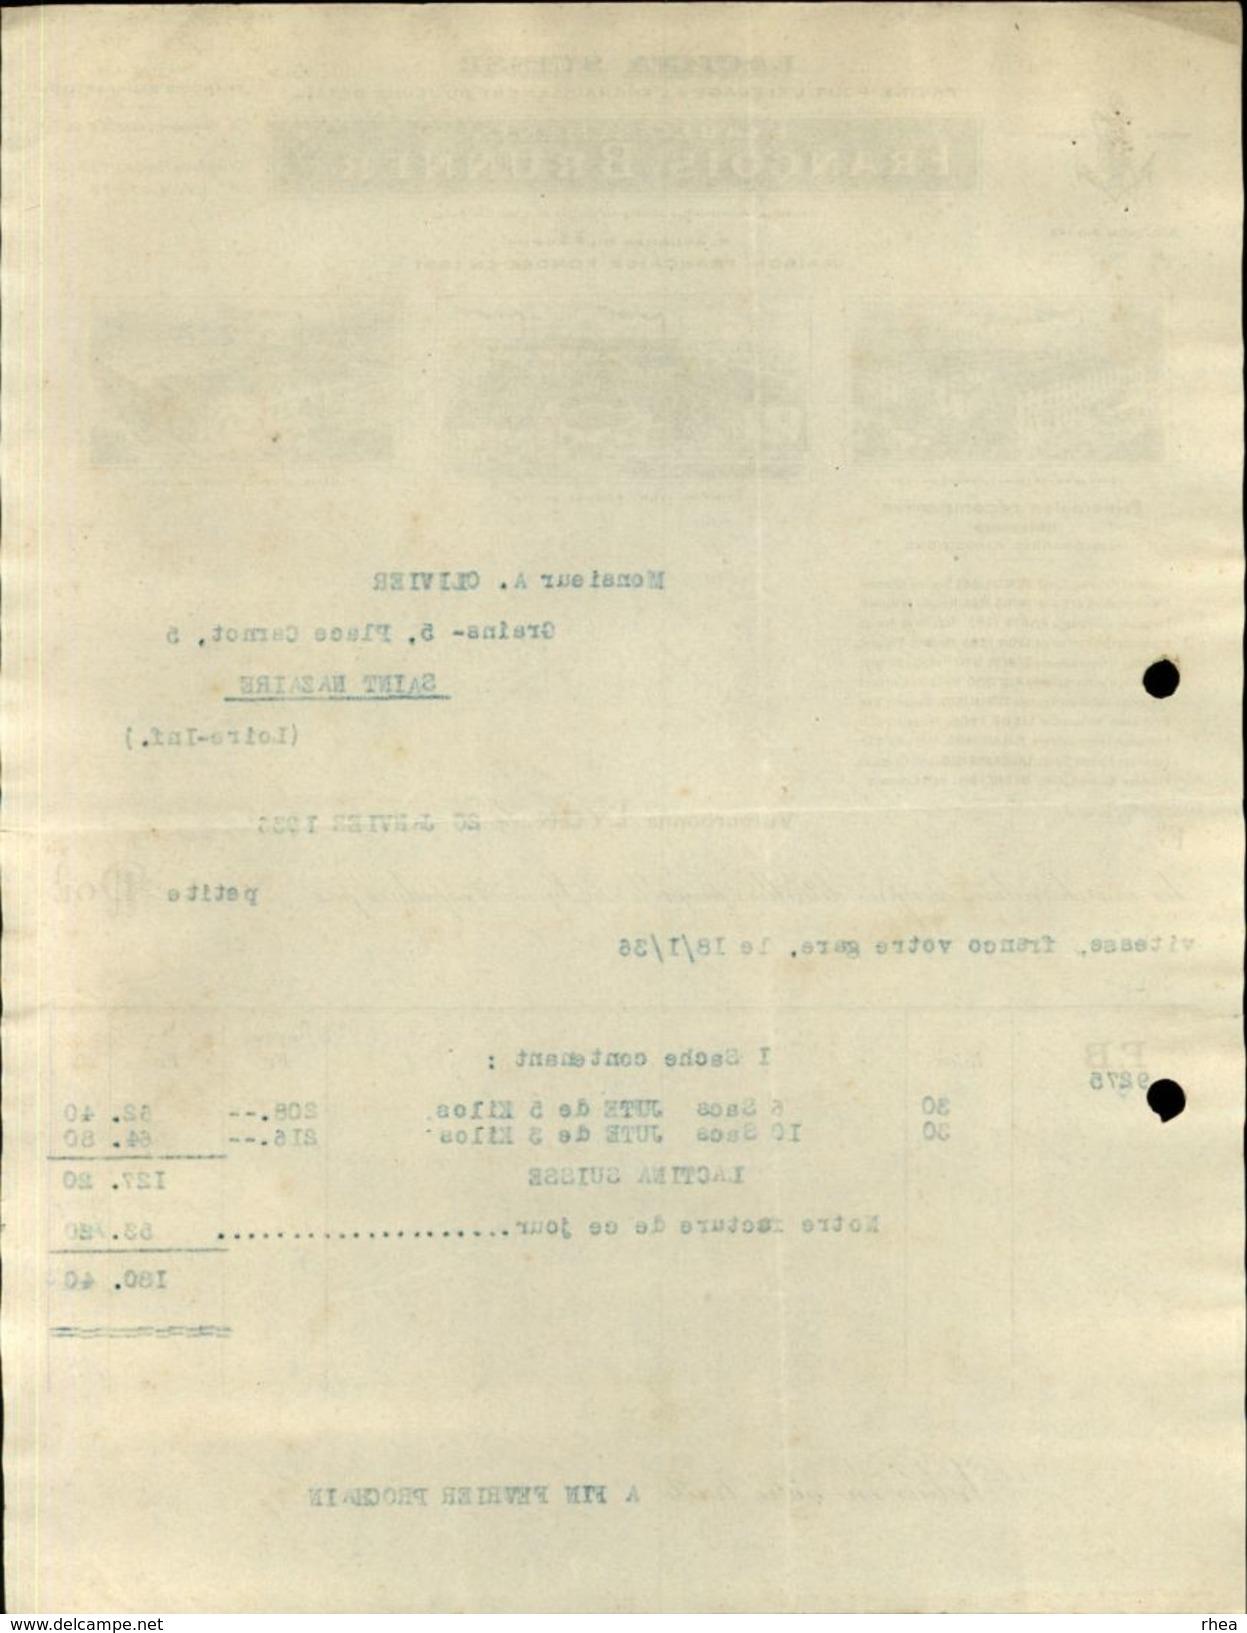 69 - VILLEUBANNE - LYON - Facture - Facture Pour L'élevage Et L'engraissement Du Bétail - Lactina Suisse - Agriculture